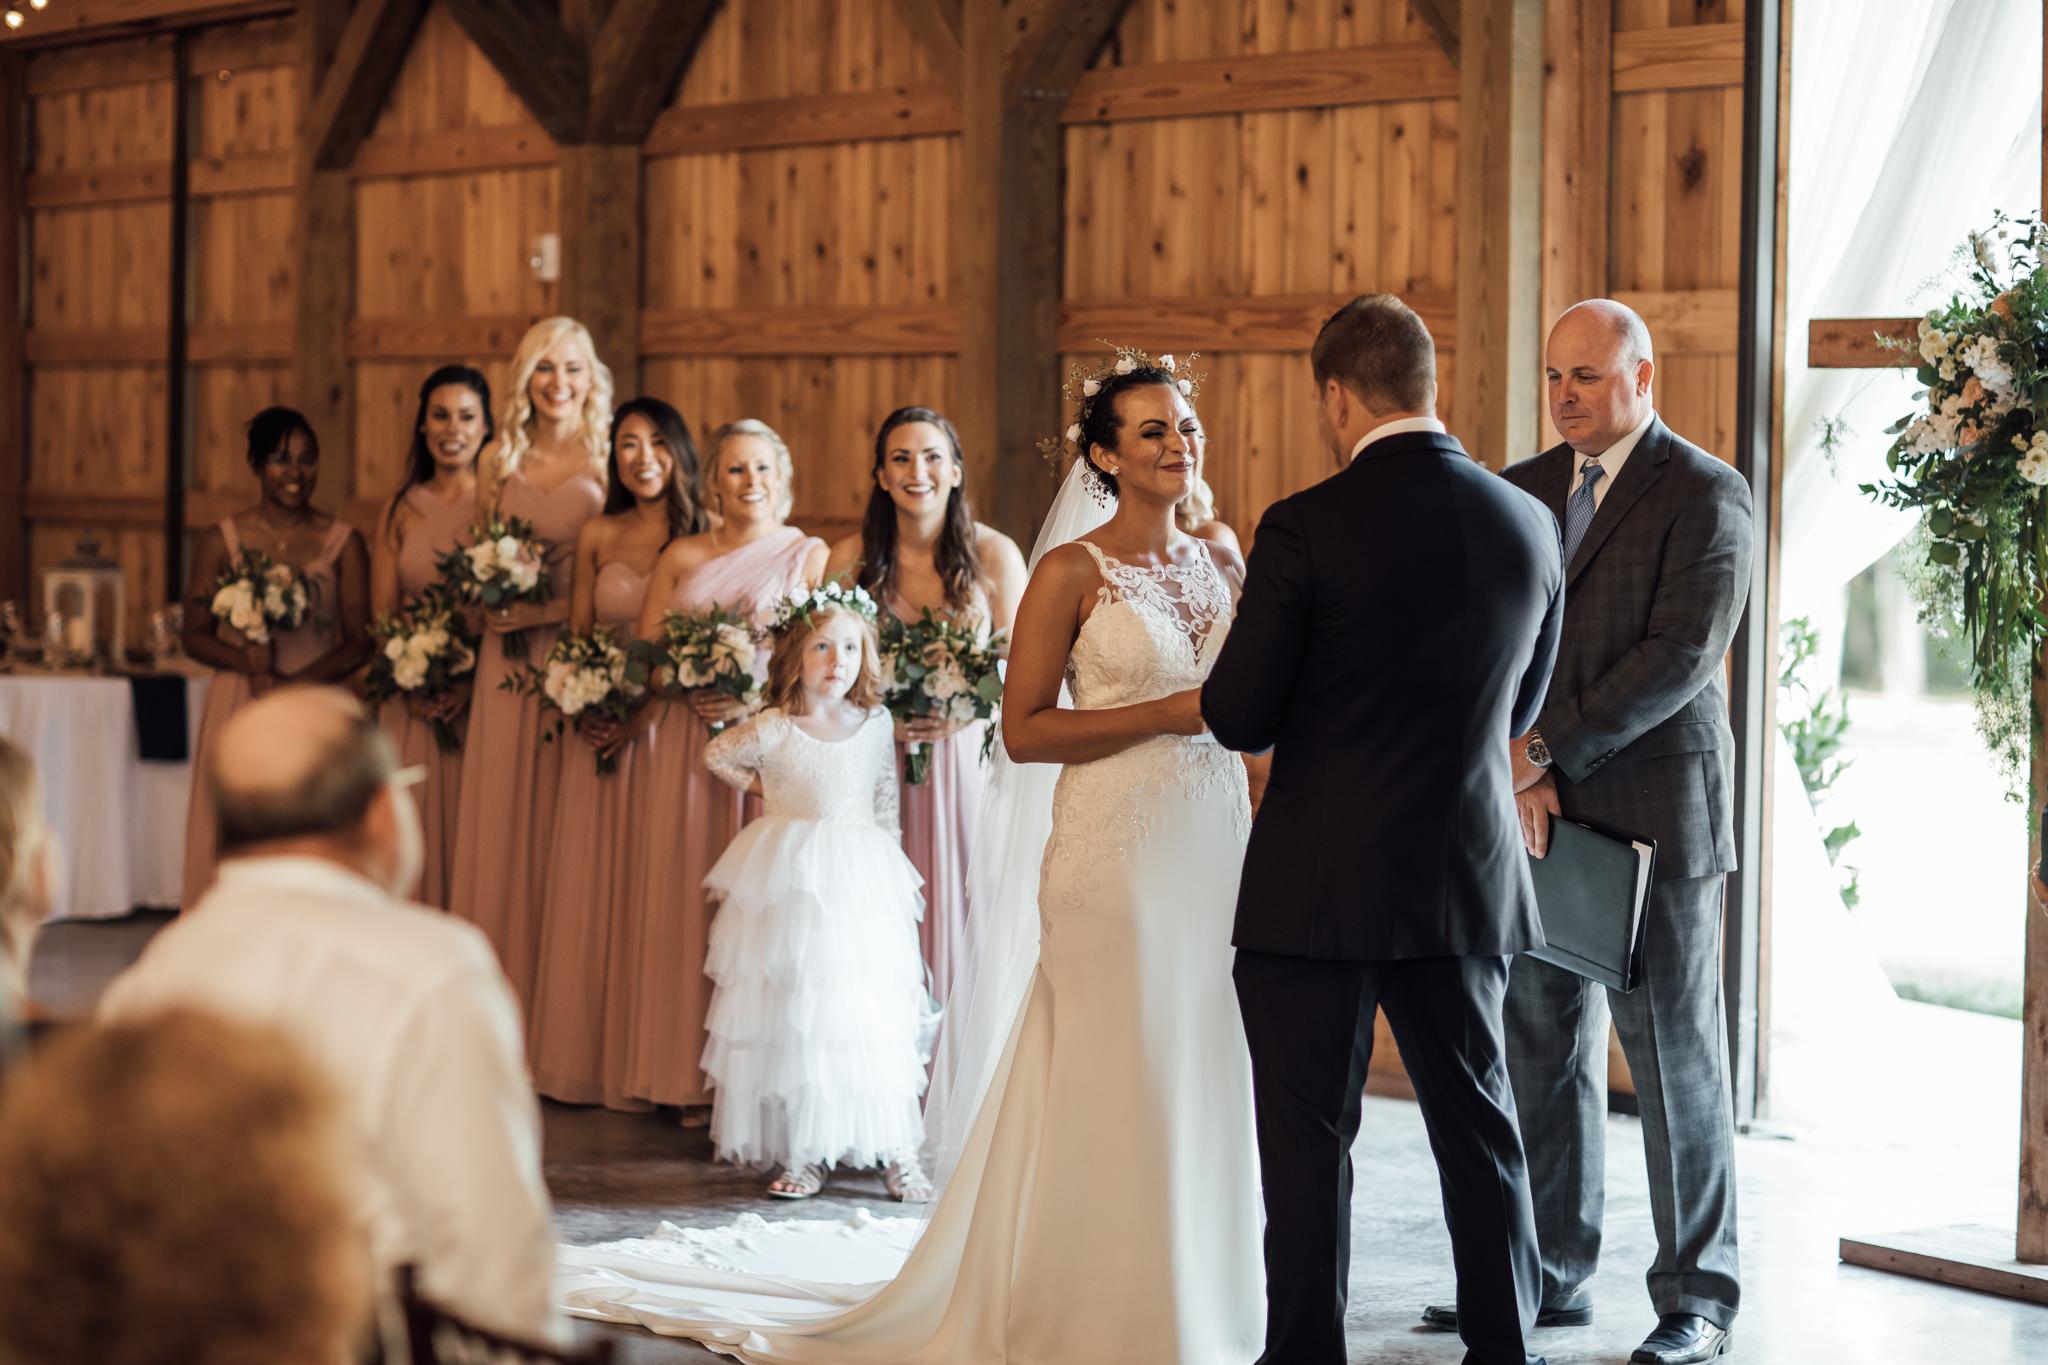 saddlewoodsfarms-nashville-wedding-photographer-thewarmtharoundyou-rustic-wedding (206 of 251).jpg